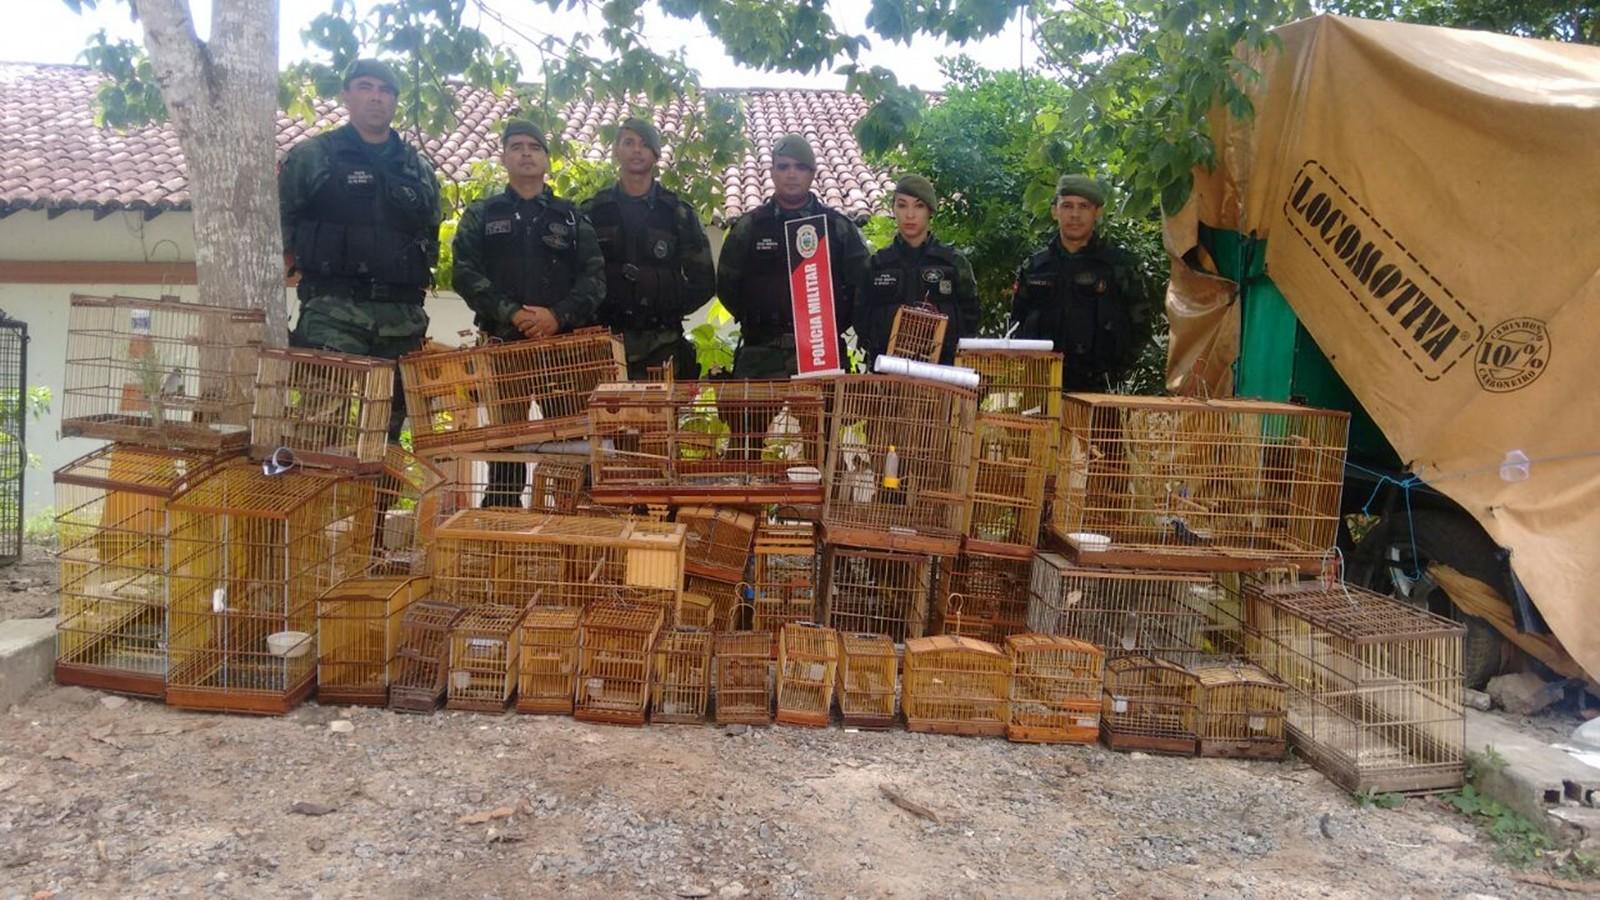 BPAmb resgatou mais de 600 animais na Paraíba, lavrou 120 Autos de Infração e prendeu 84 pessoas (Foto: Major Cristóvão Lucas/BPAmb/Arquivo)